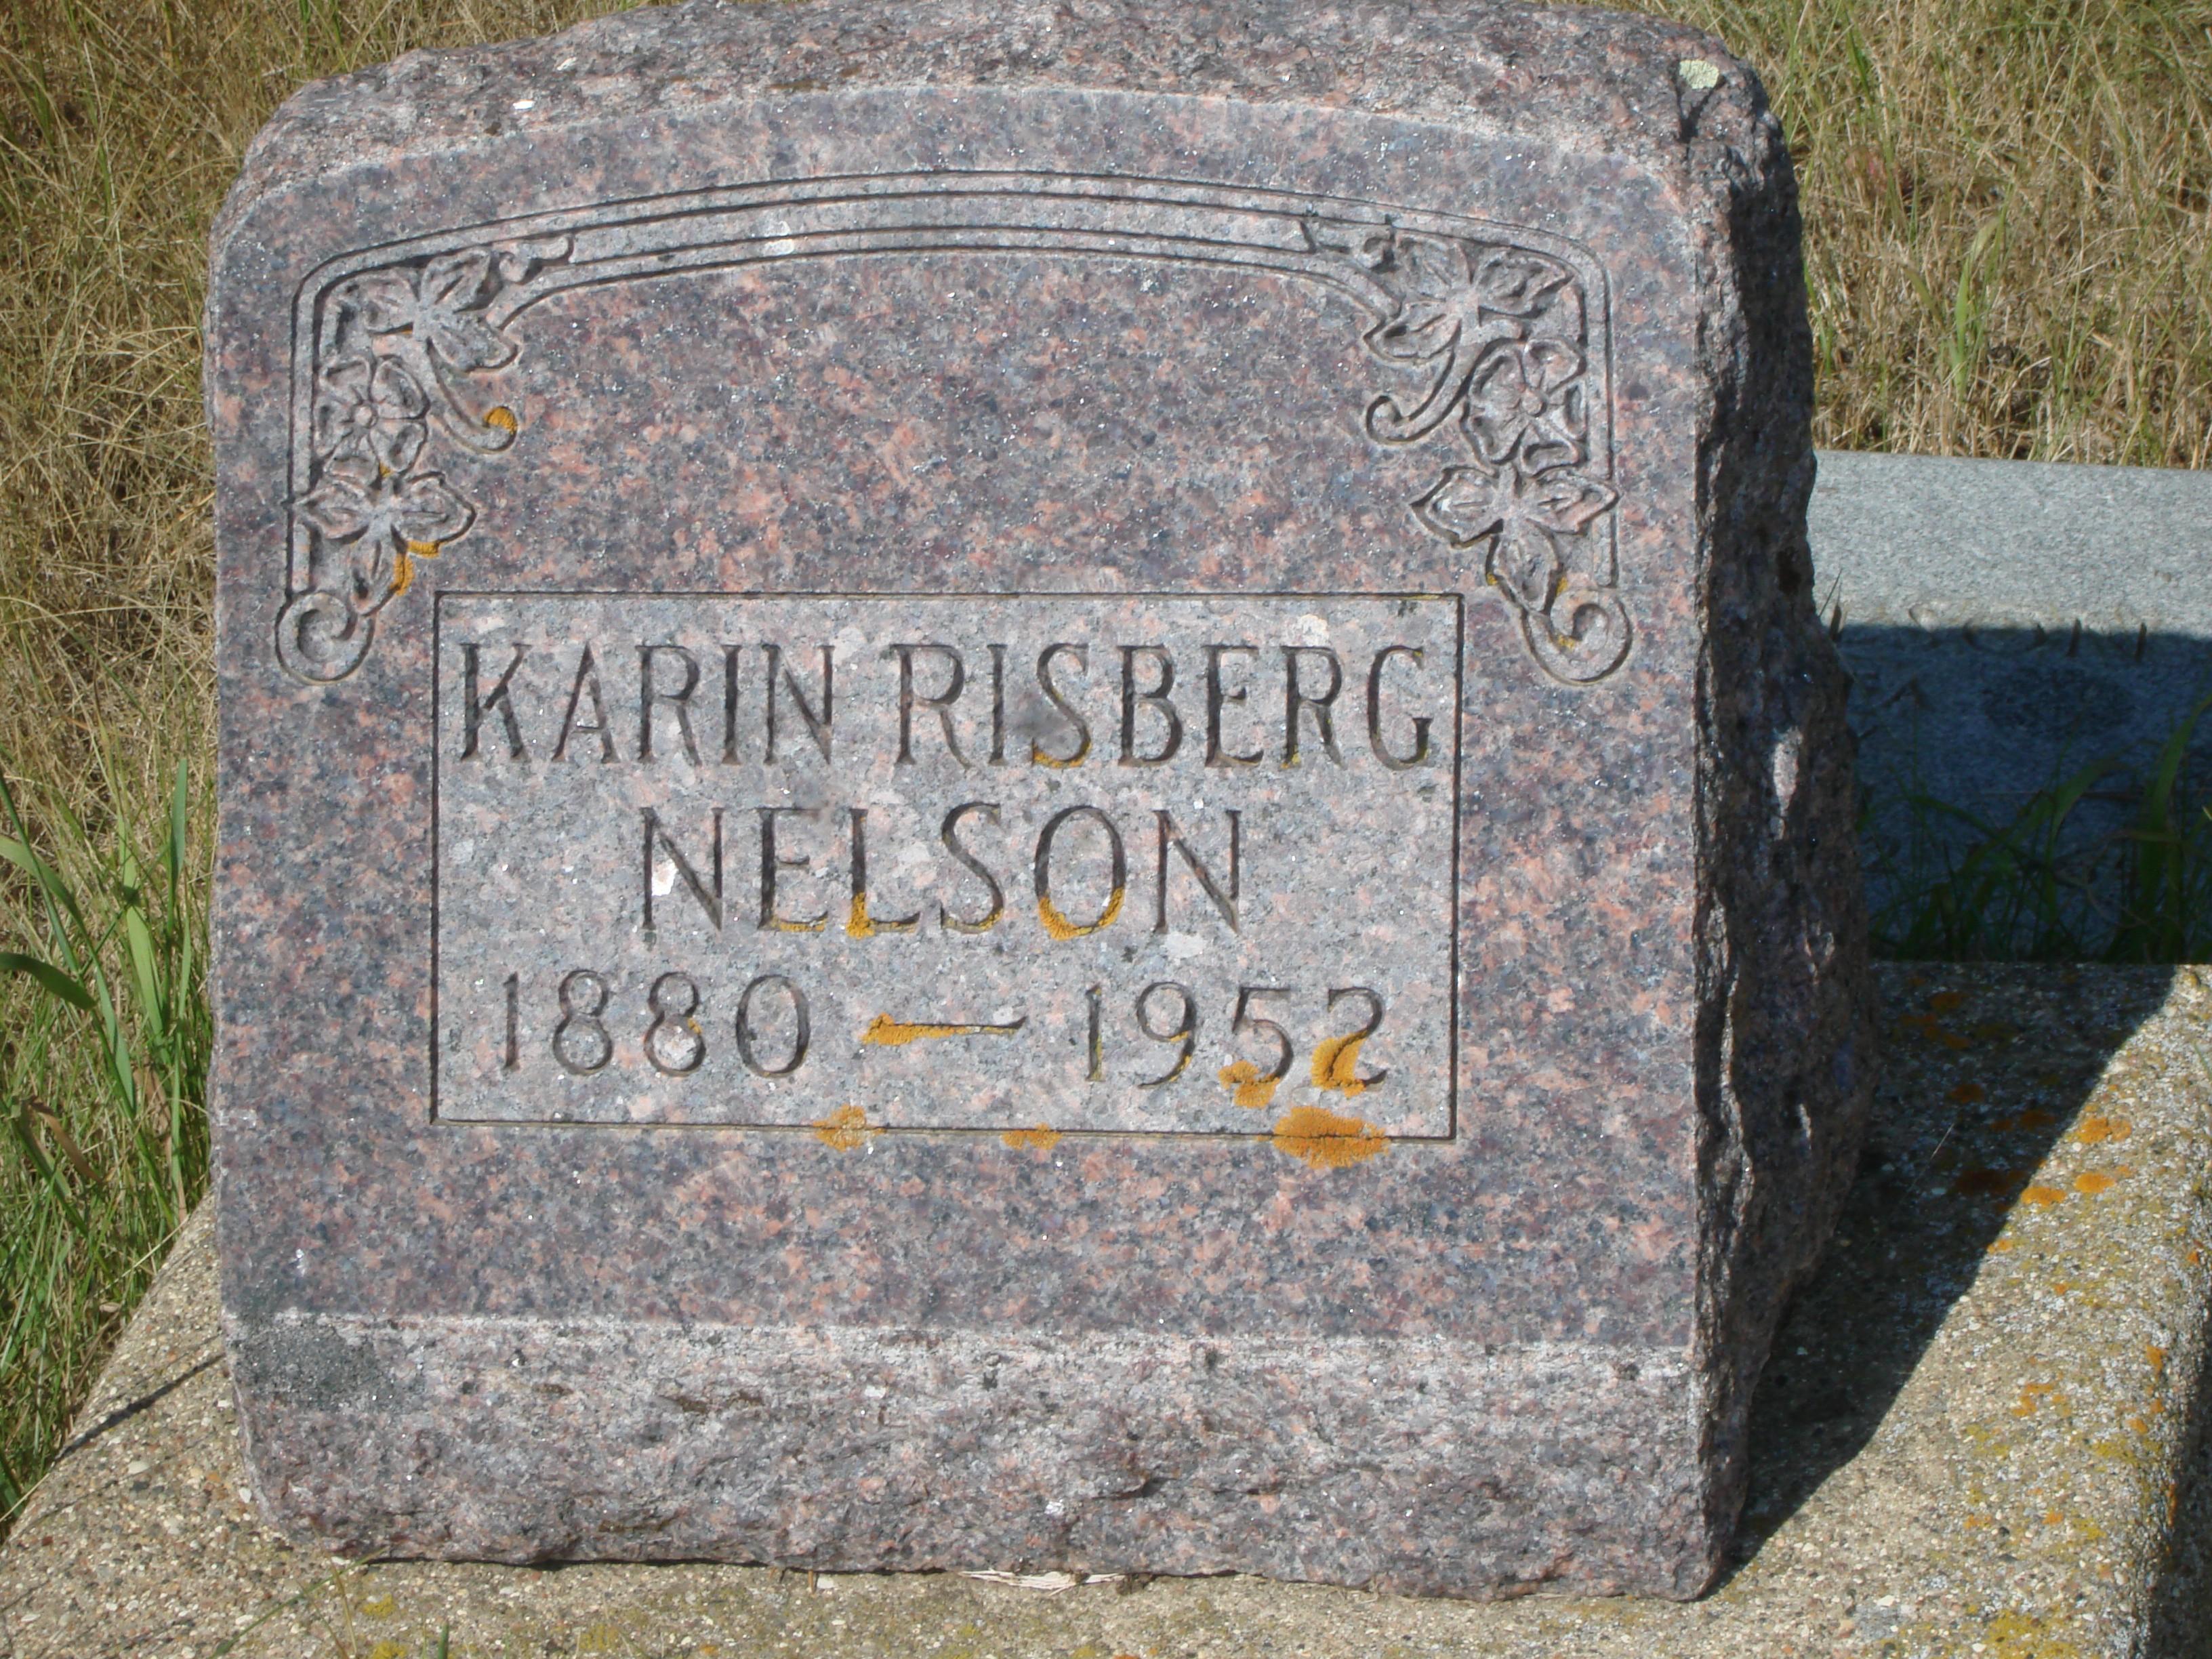 Karin Risberg